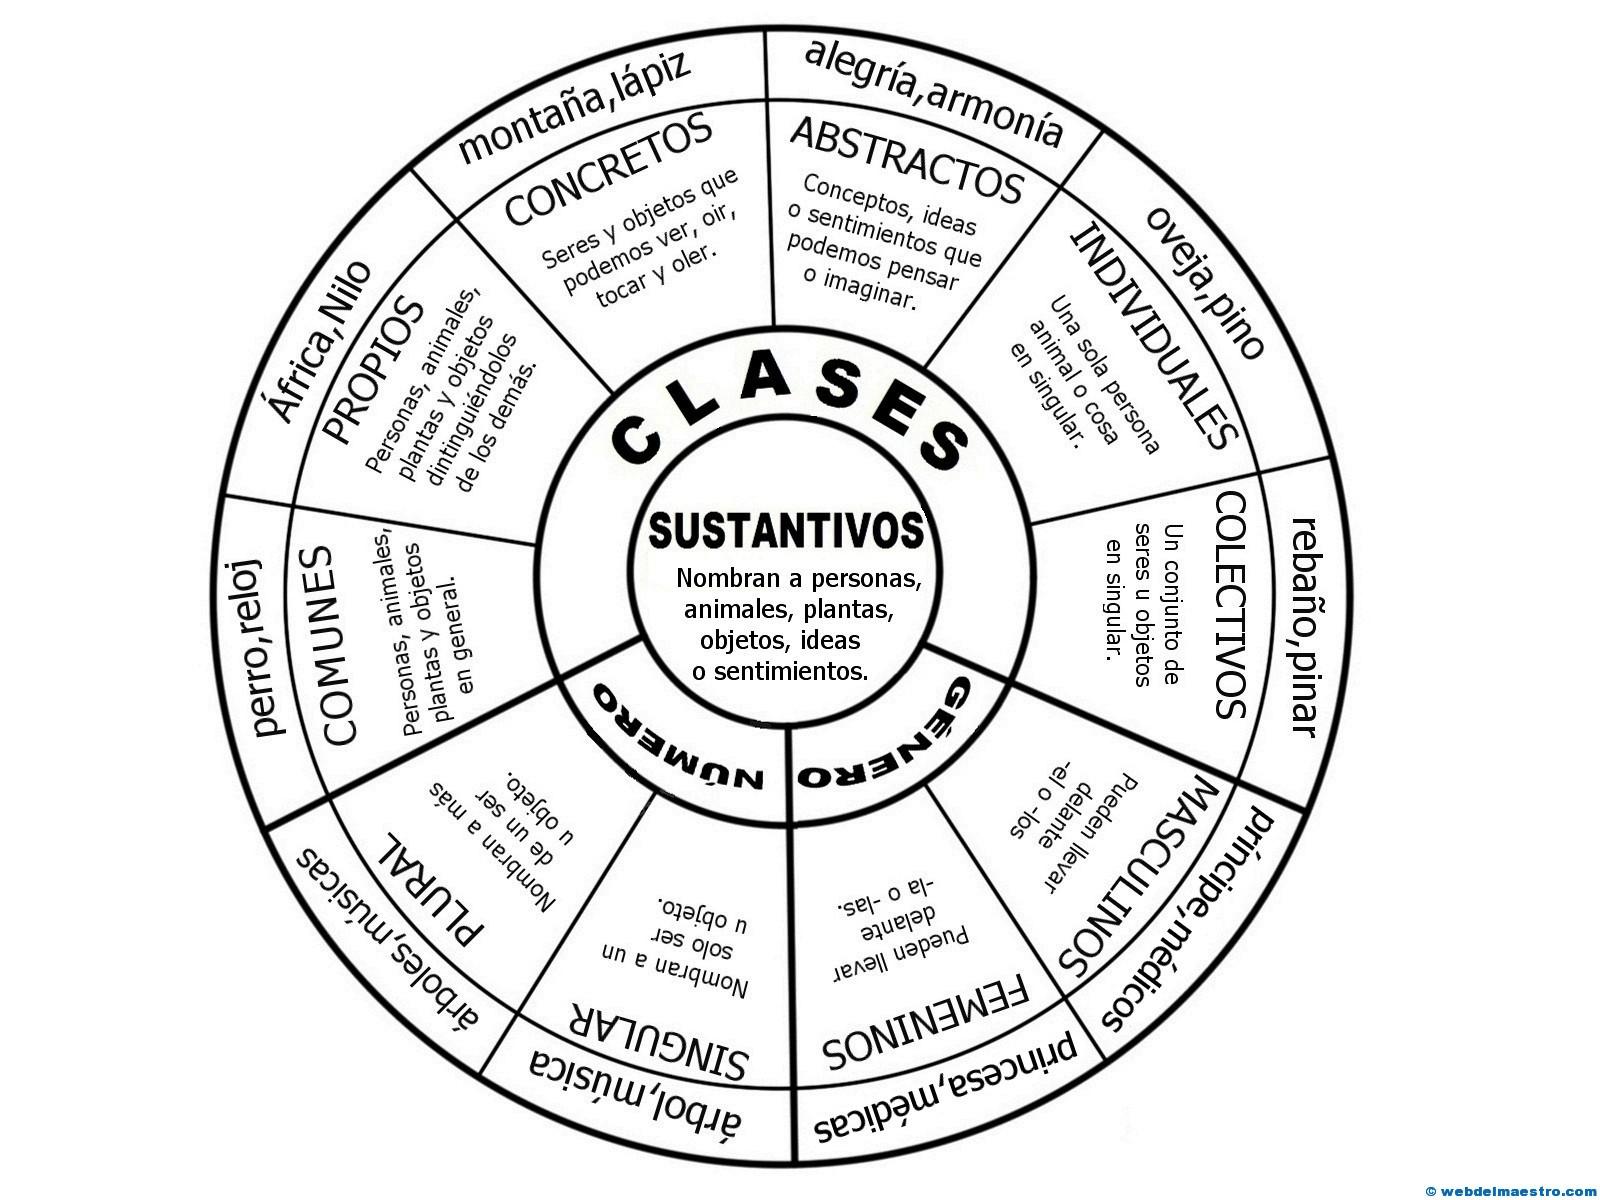 Sustantivos - Web del maestro